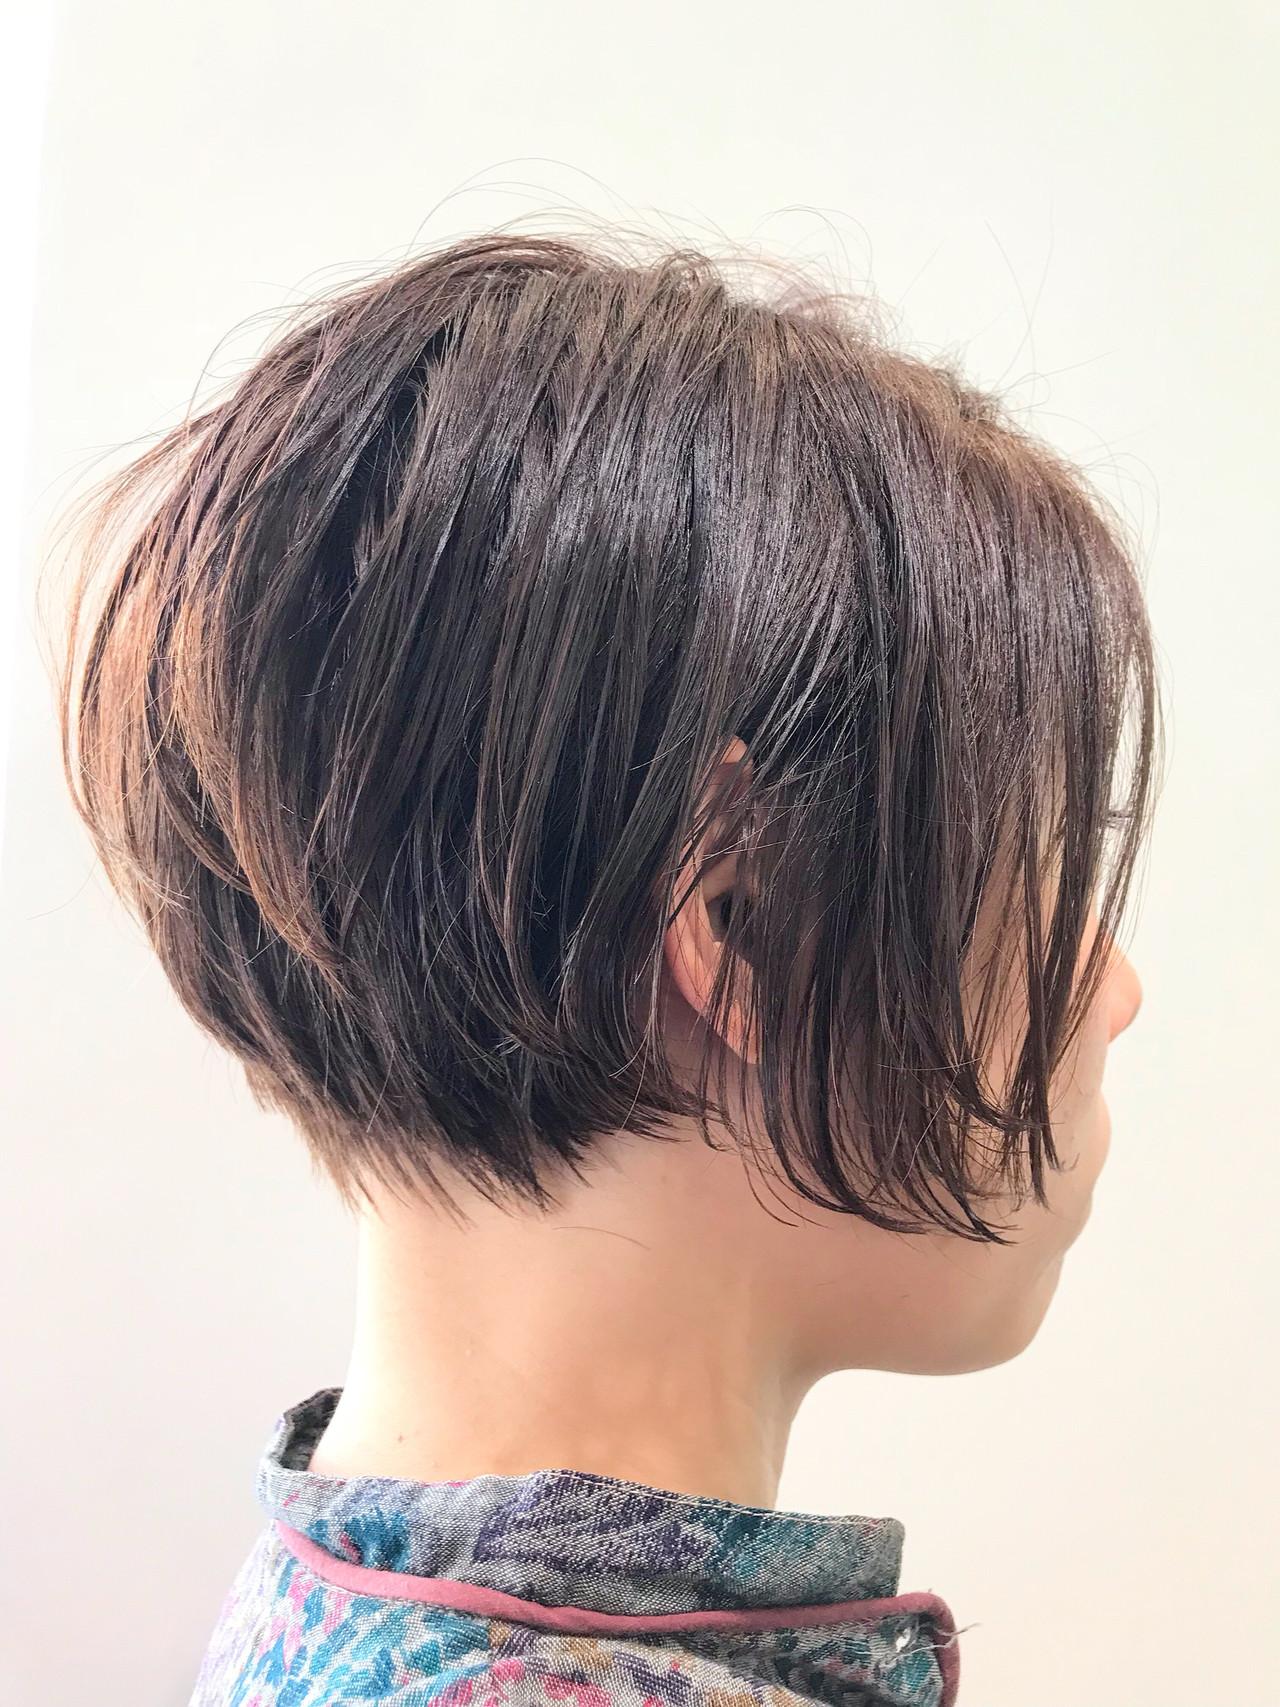 色気 ナチュラル ワンカール 大人女子 ヘアスタイルや髪型の写真・画像 | 掛橋 翔 / air-FUKUOKA